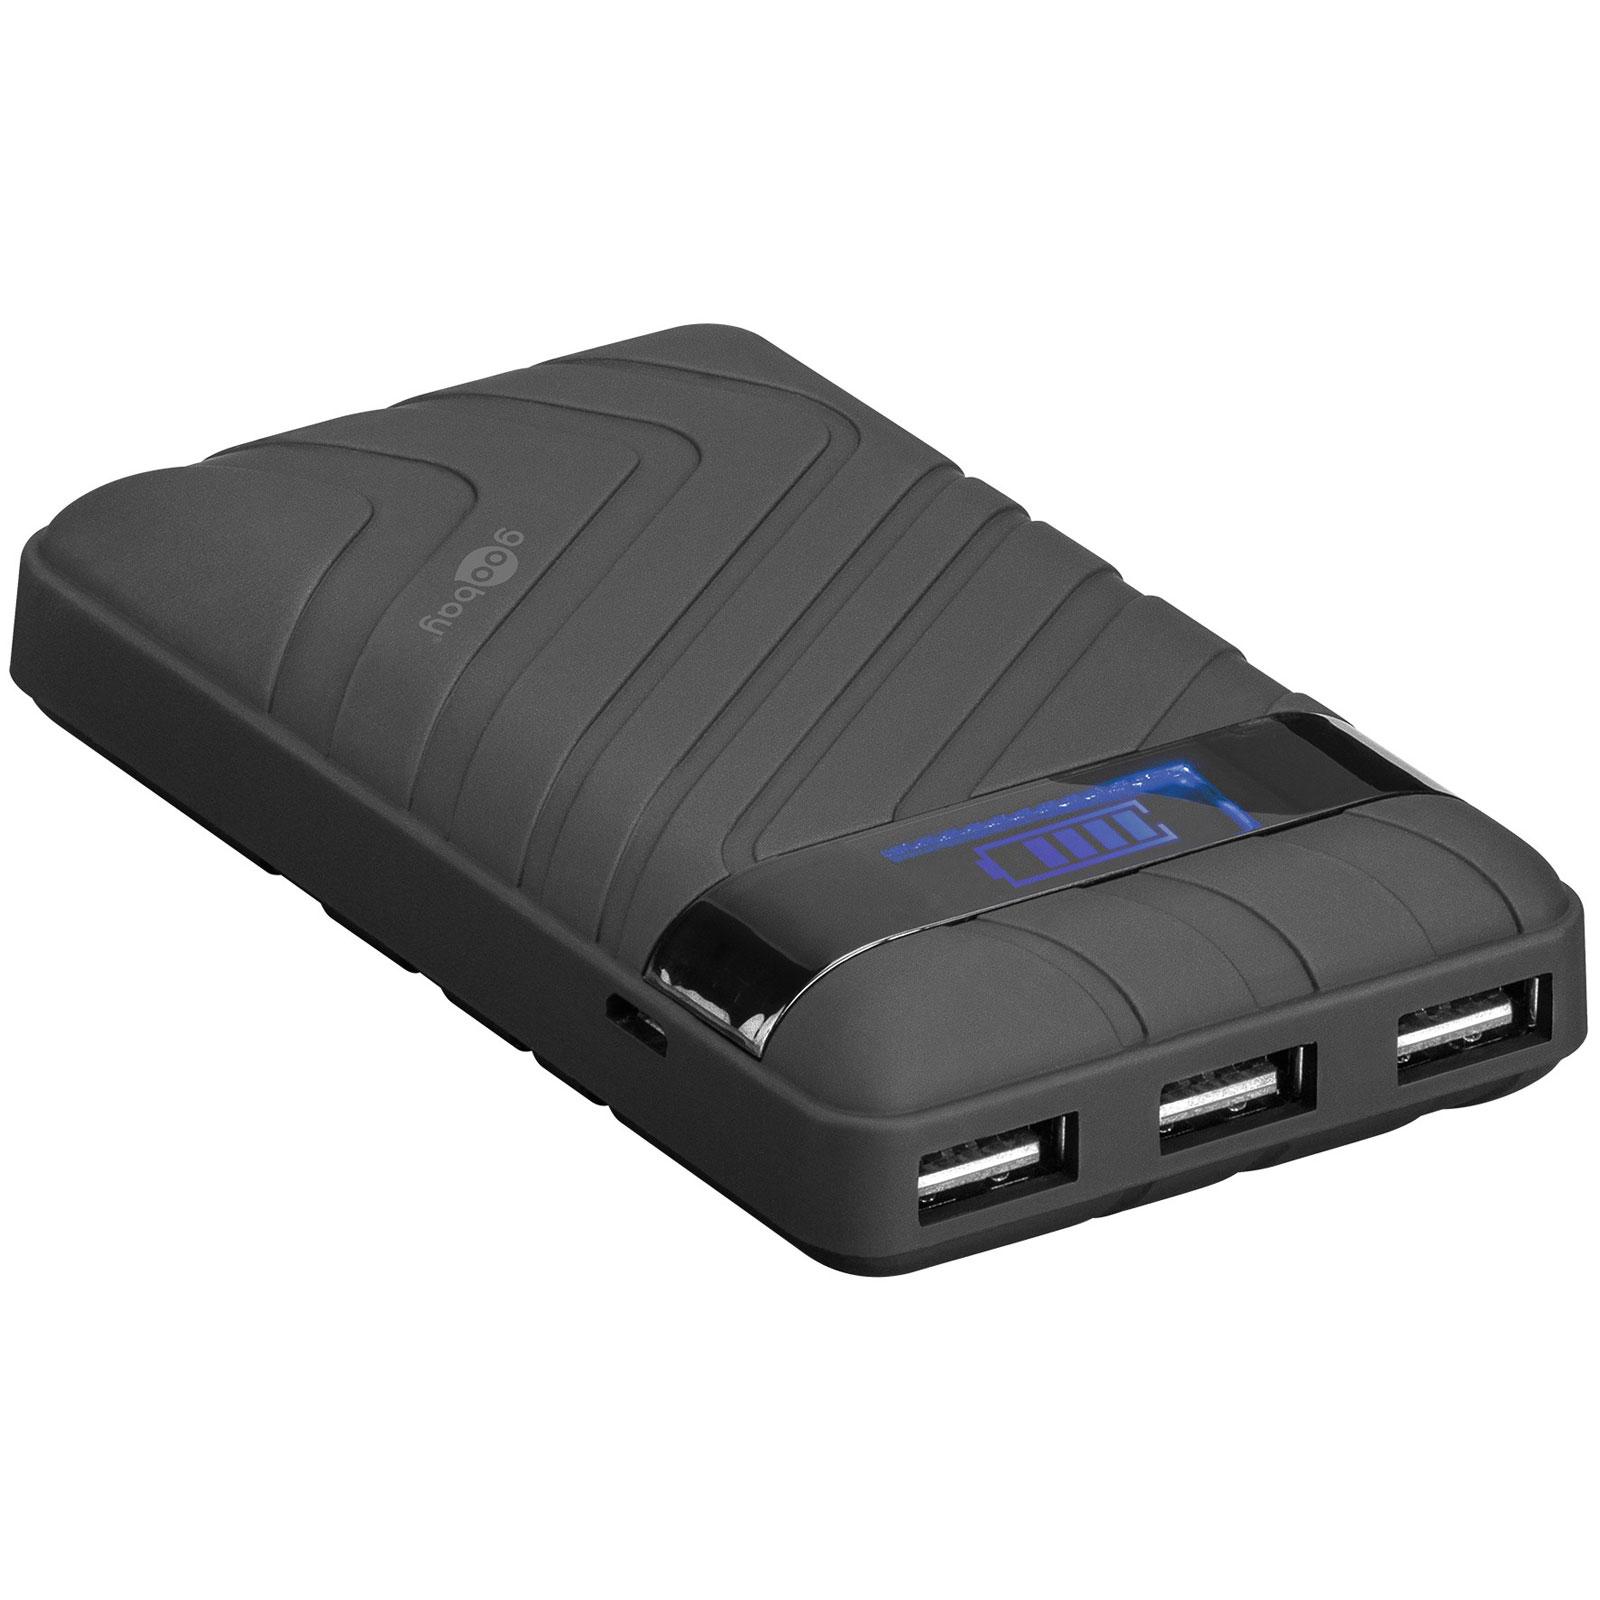 power bank 18000 mah 5v 2a avec 3 ports usb 2 0 et cran lcd batterie externe g n rique sur. Black Bedroom Furniture Sets. Home Design Ideas